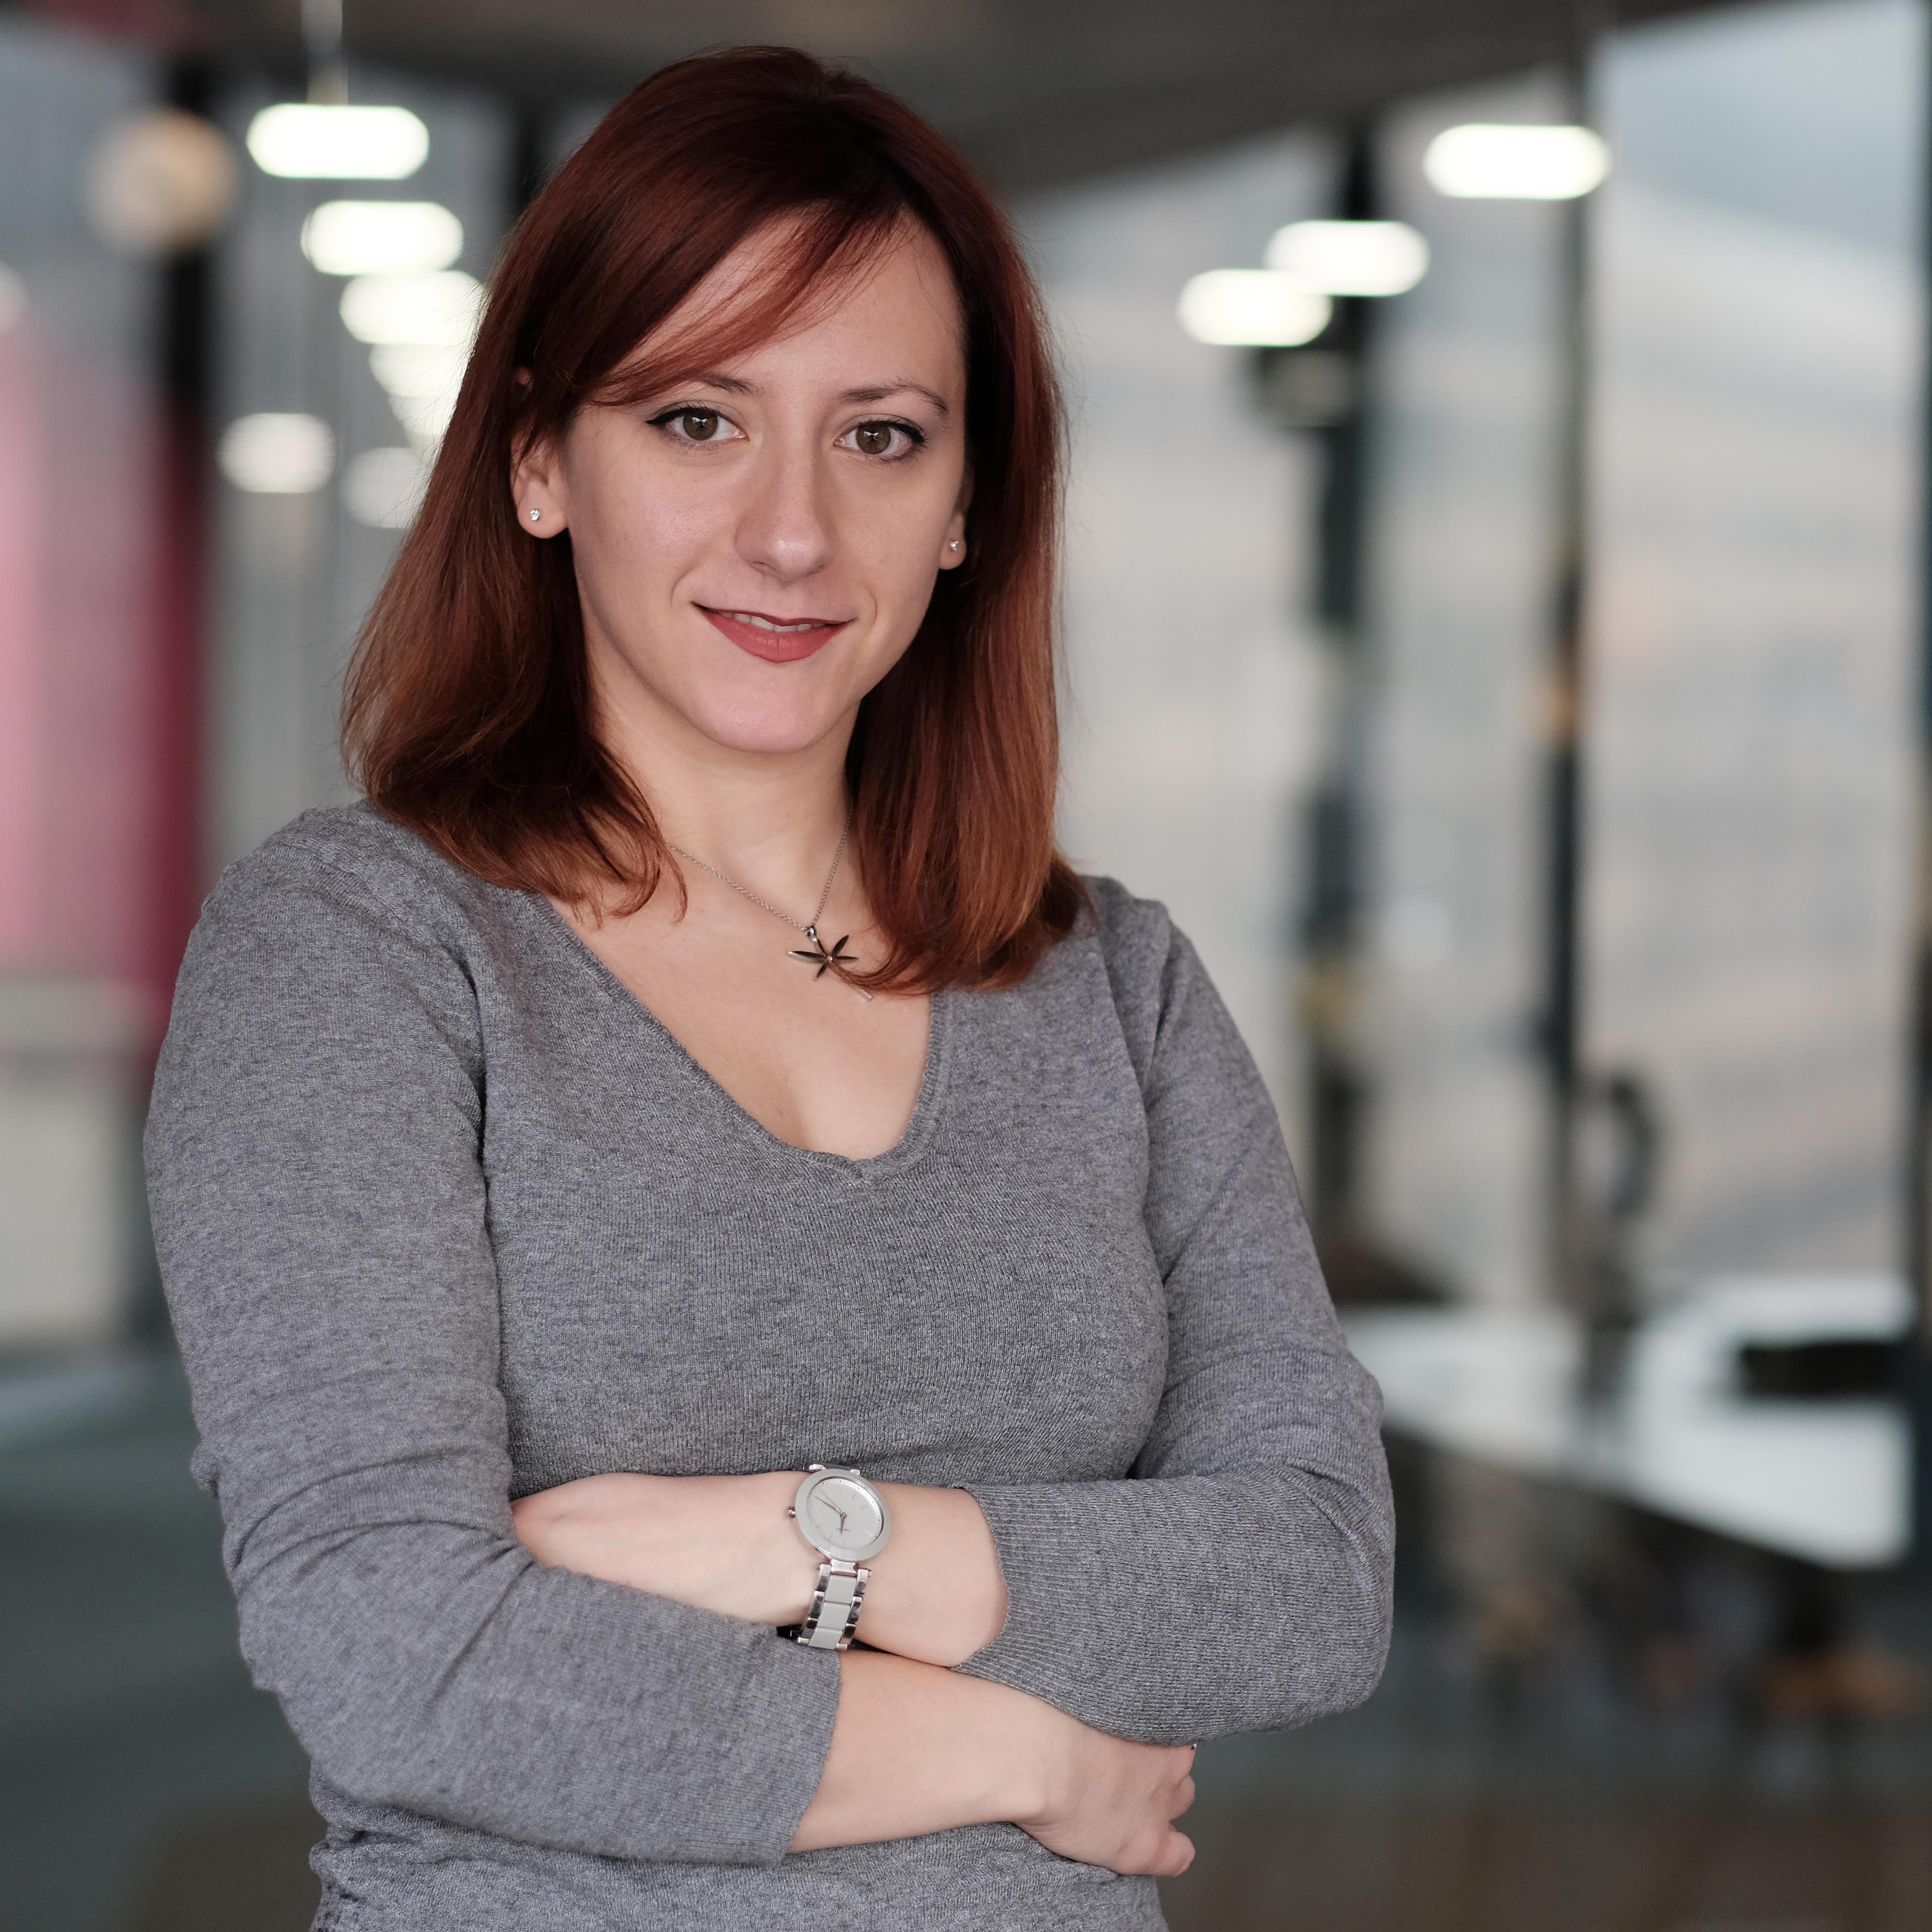 Anna Asatryan